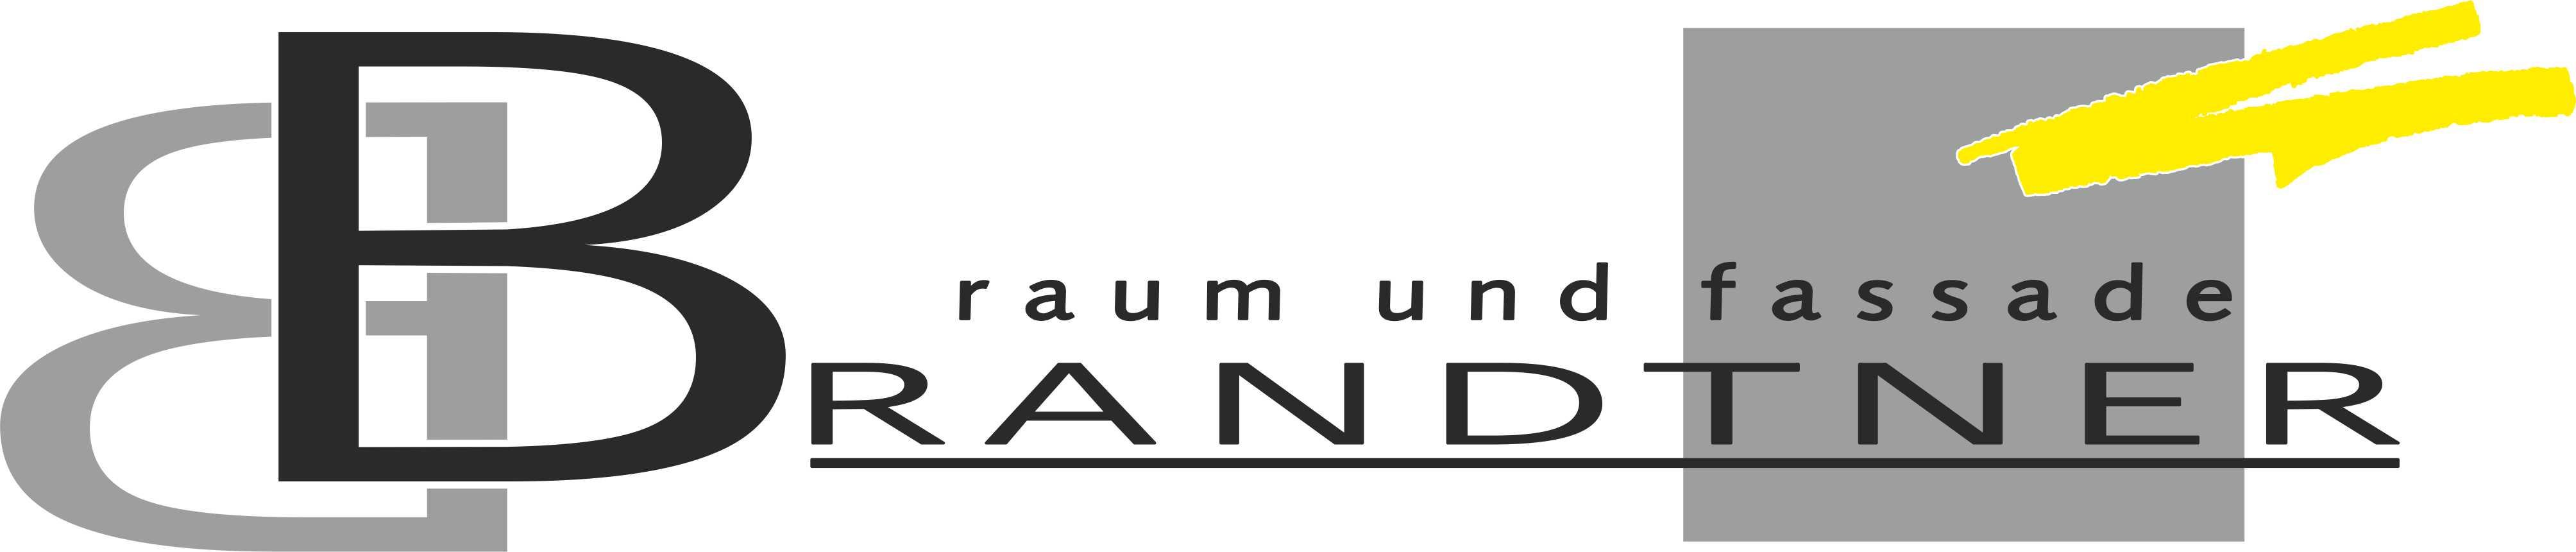 Raum und Fassade Brandtner